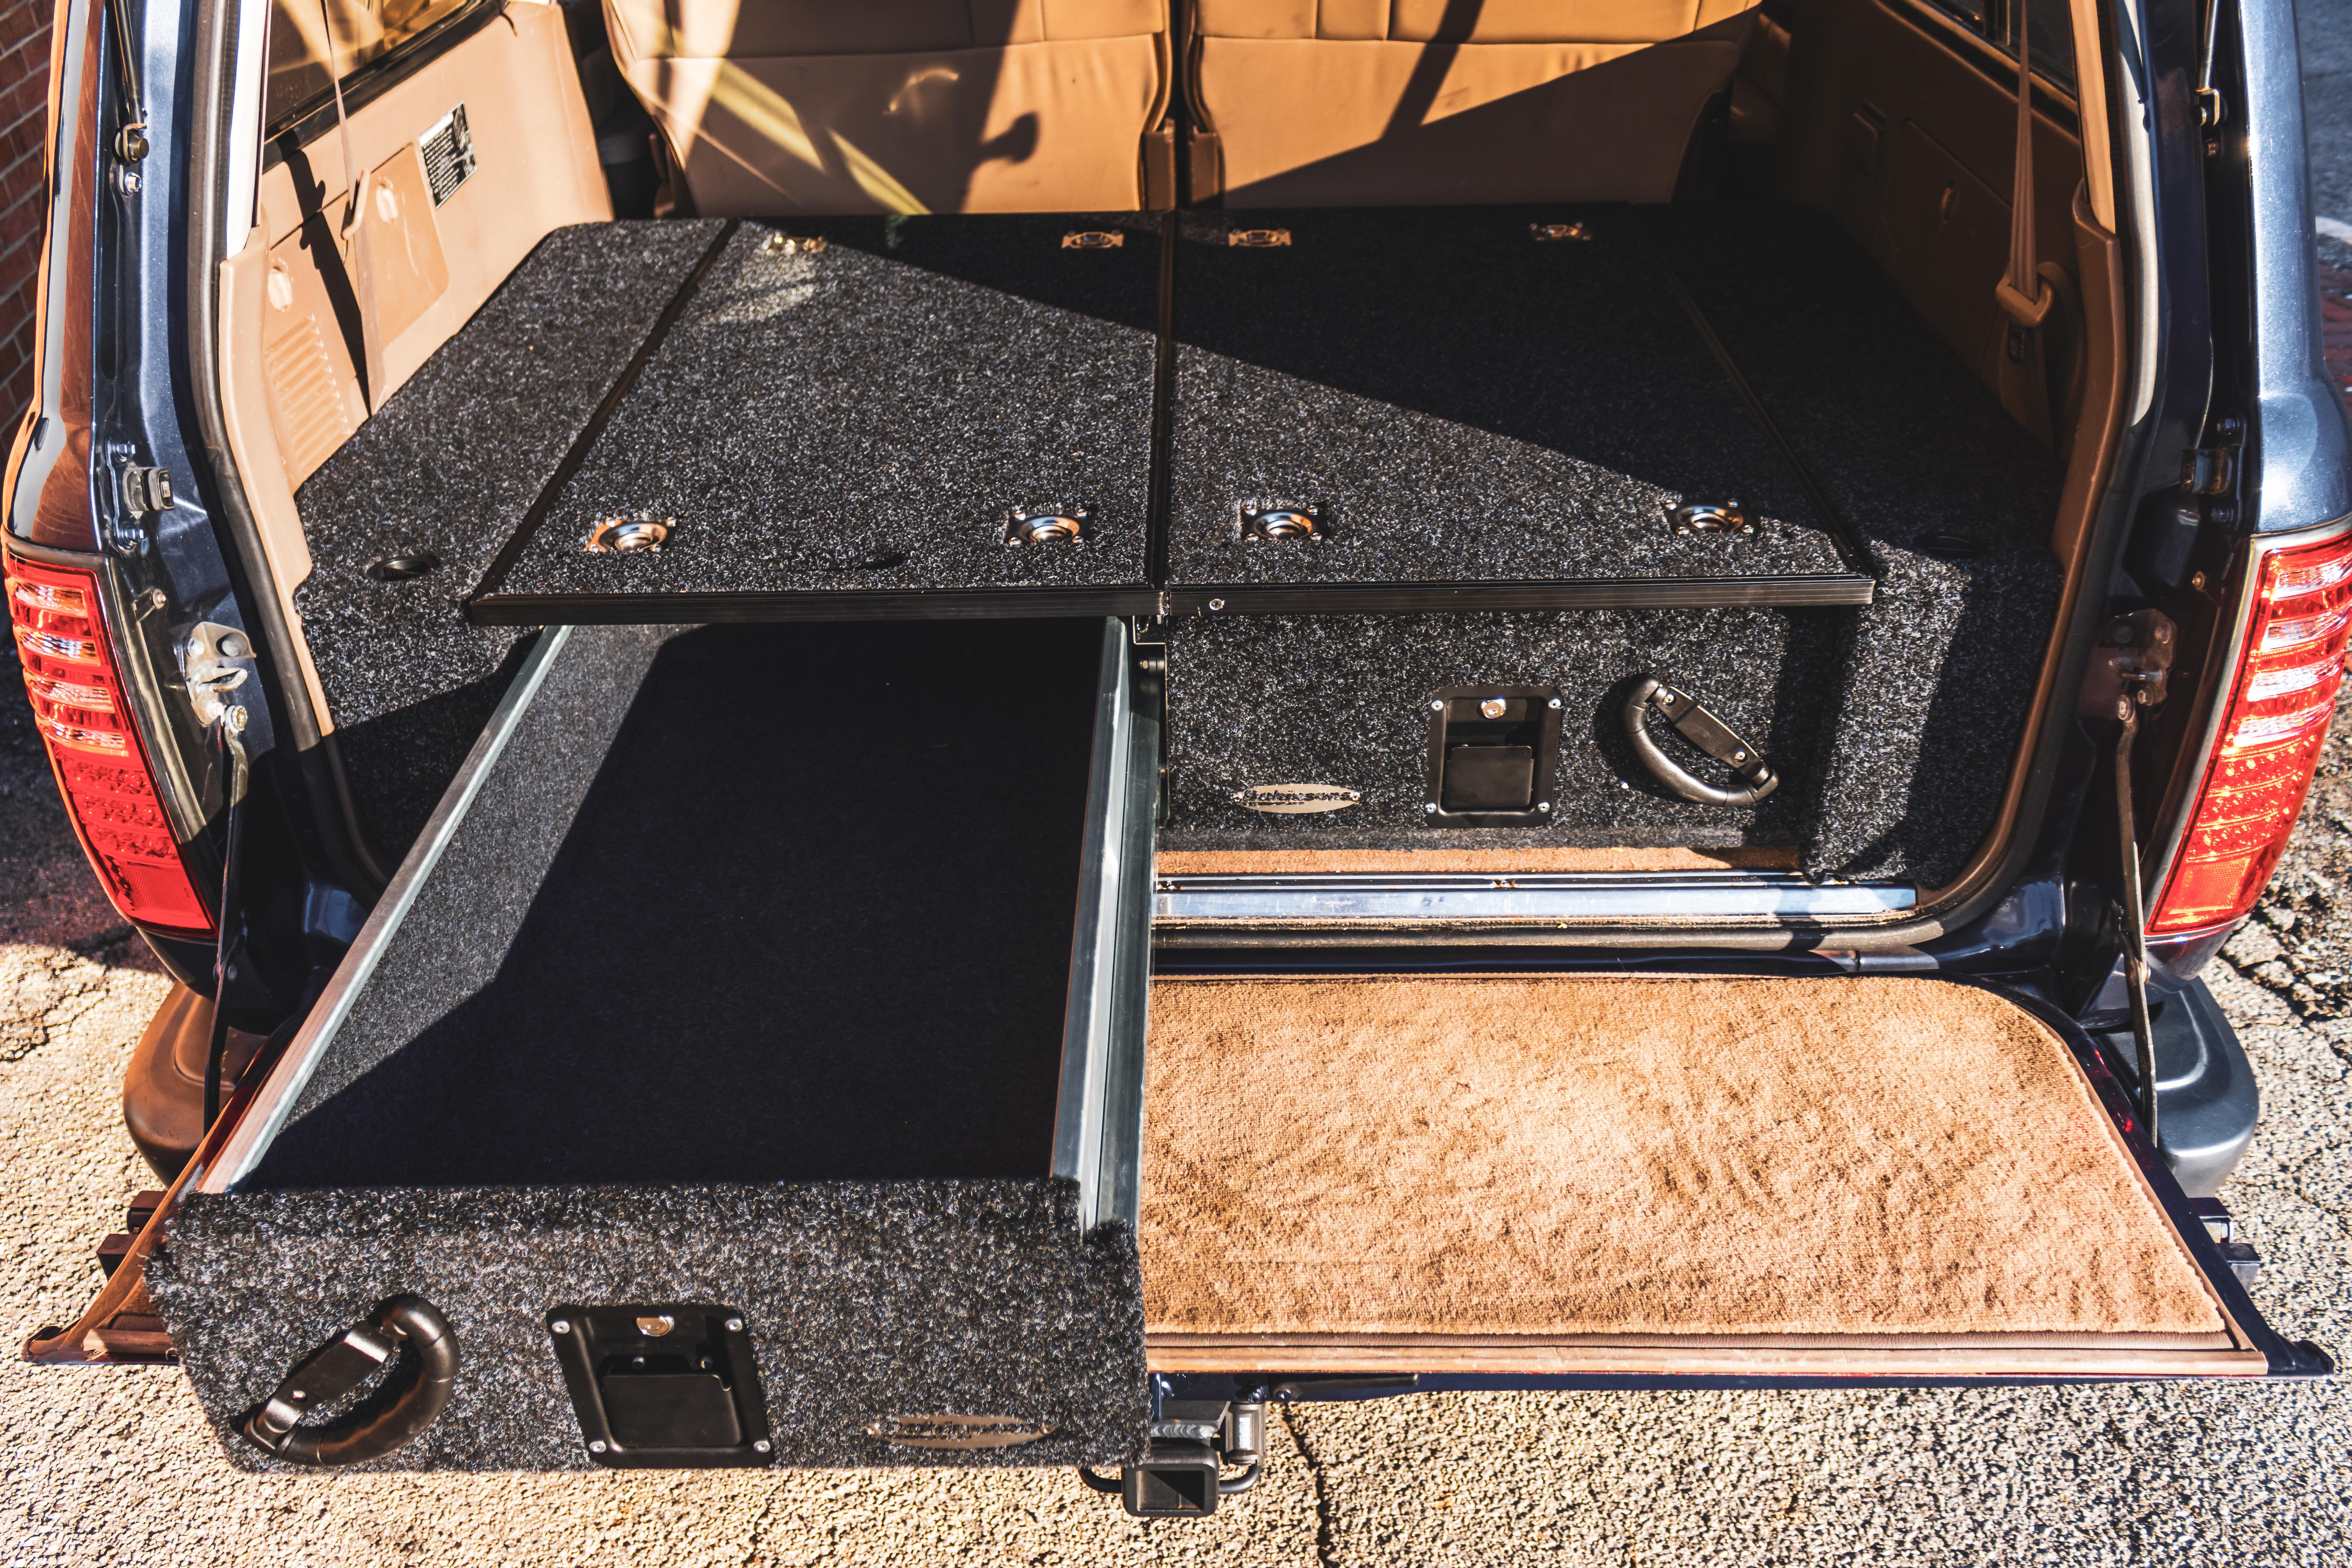 Land Cruiser Drawer System